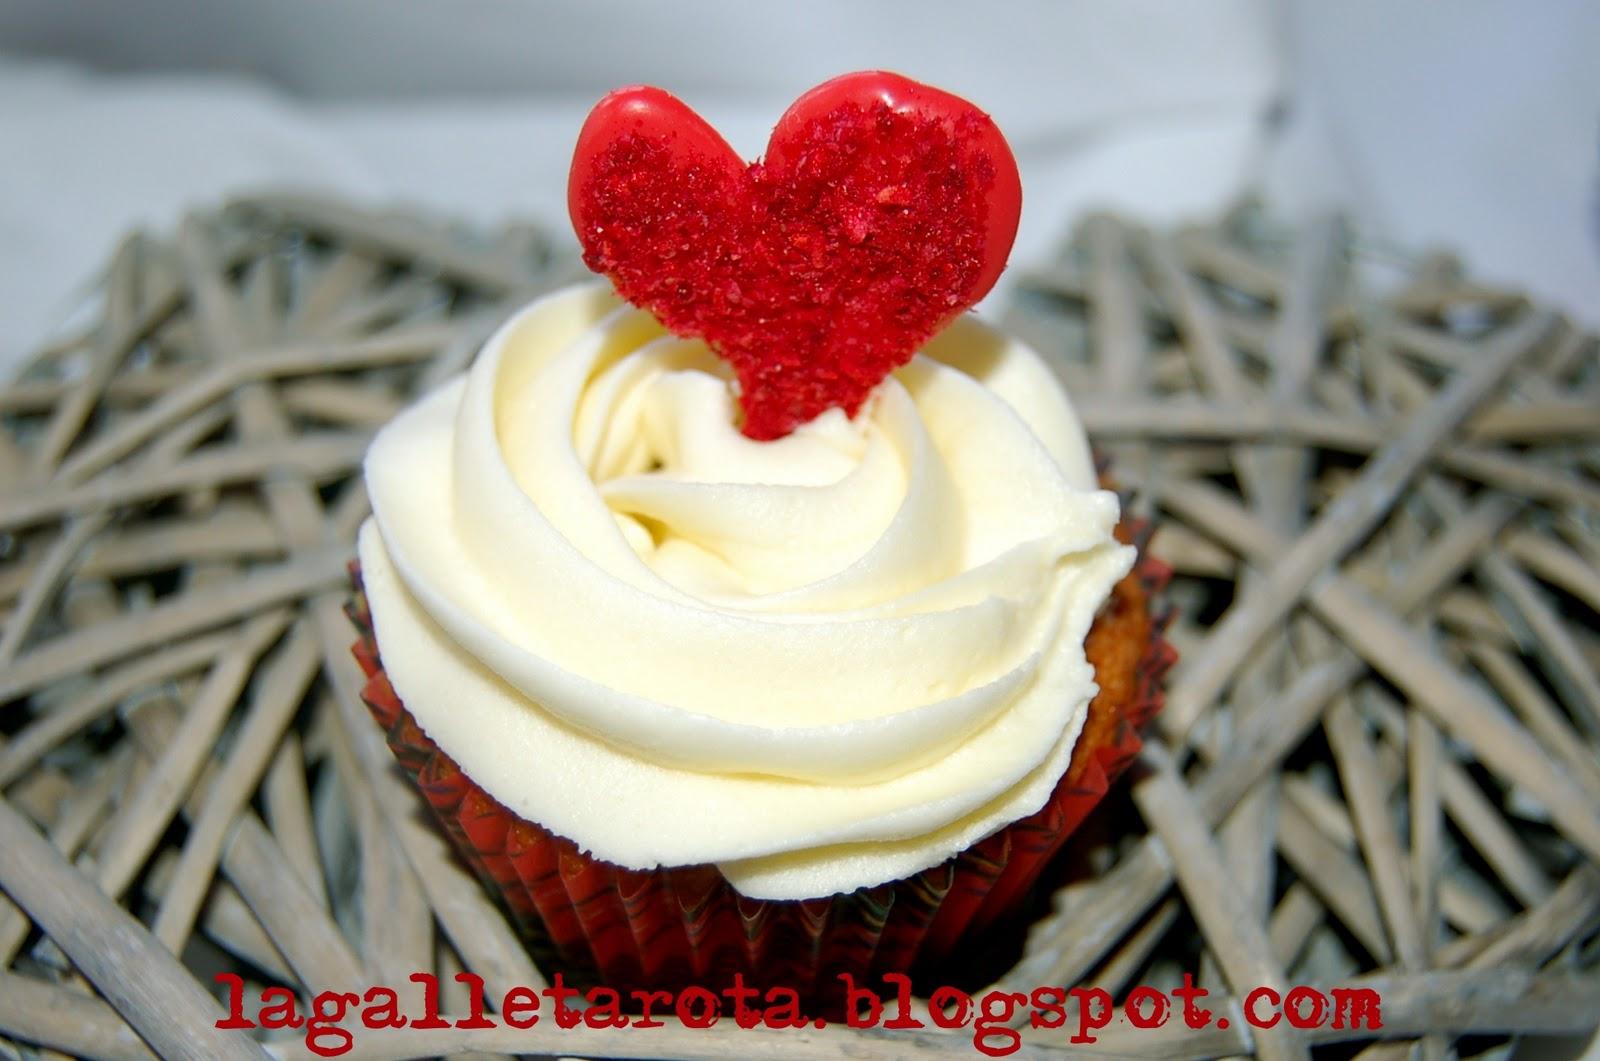 La galleta rota cupcakes de frambuesa y chocolate blanco for Hornear a blanco